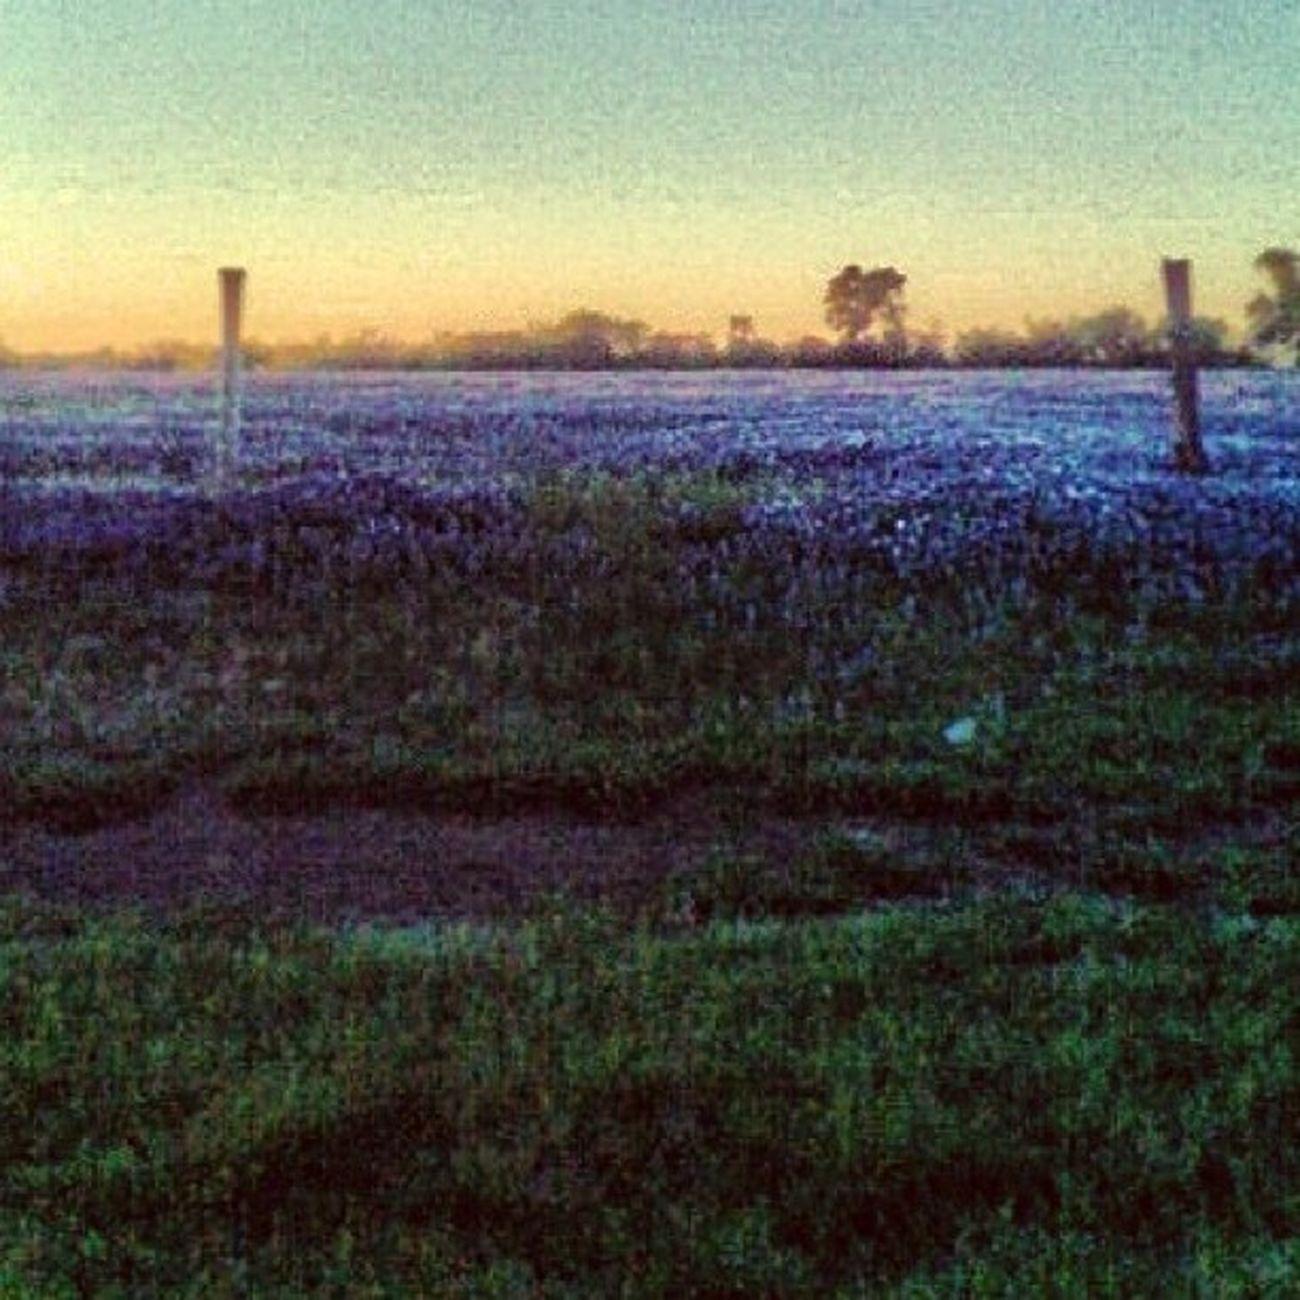 Sea of Blue Bonnets Texas Photooftheday Instagram Igers Jj_forum Teg Bluebonnet Ipone4 Field Purple